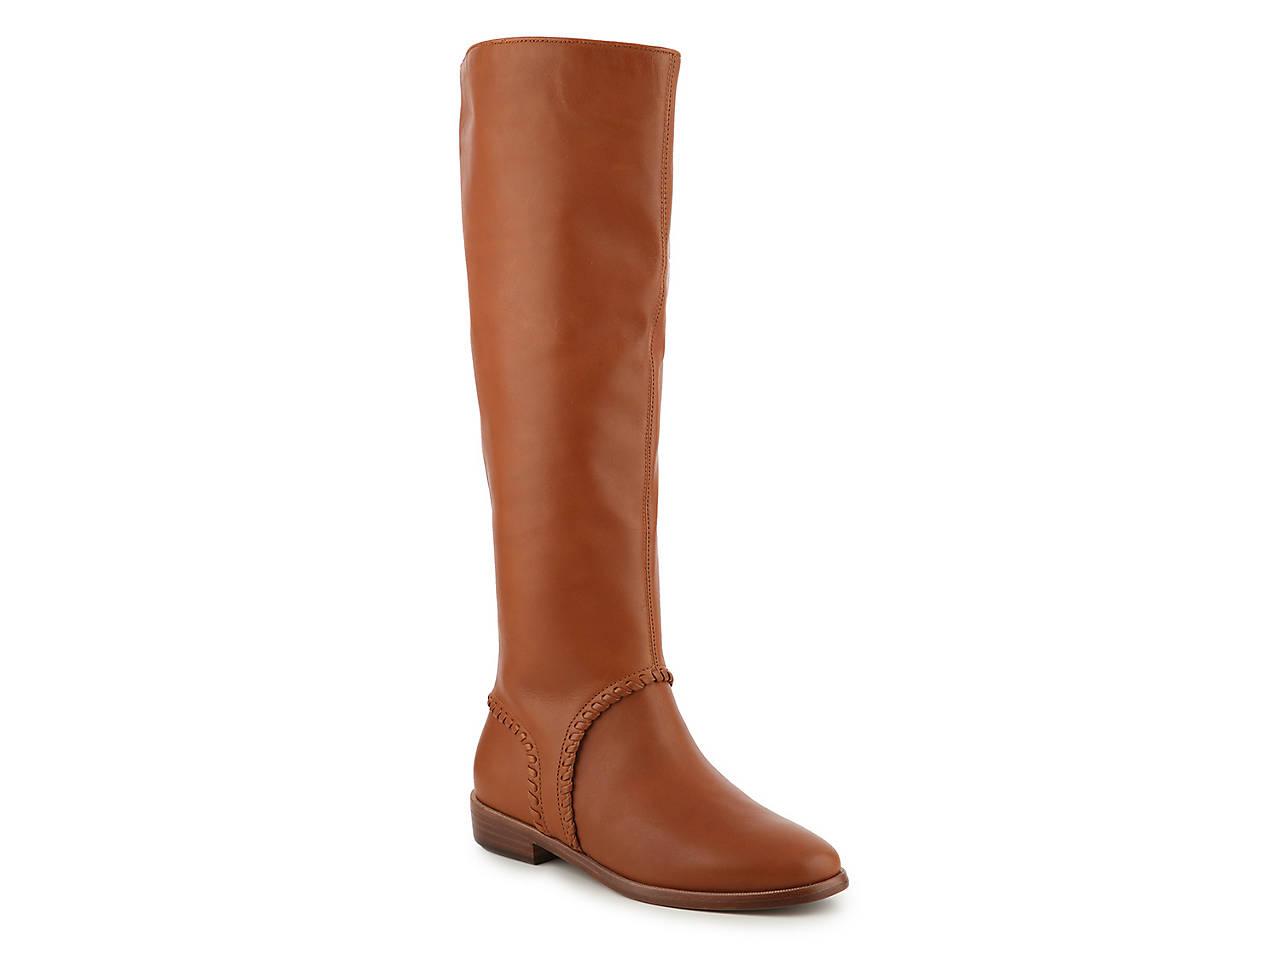 d833f8e8b31 Gracen Boot